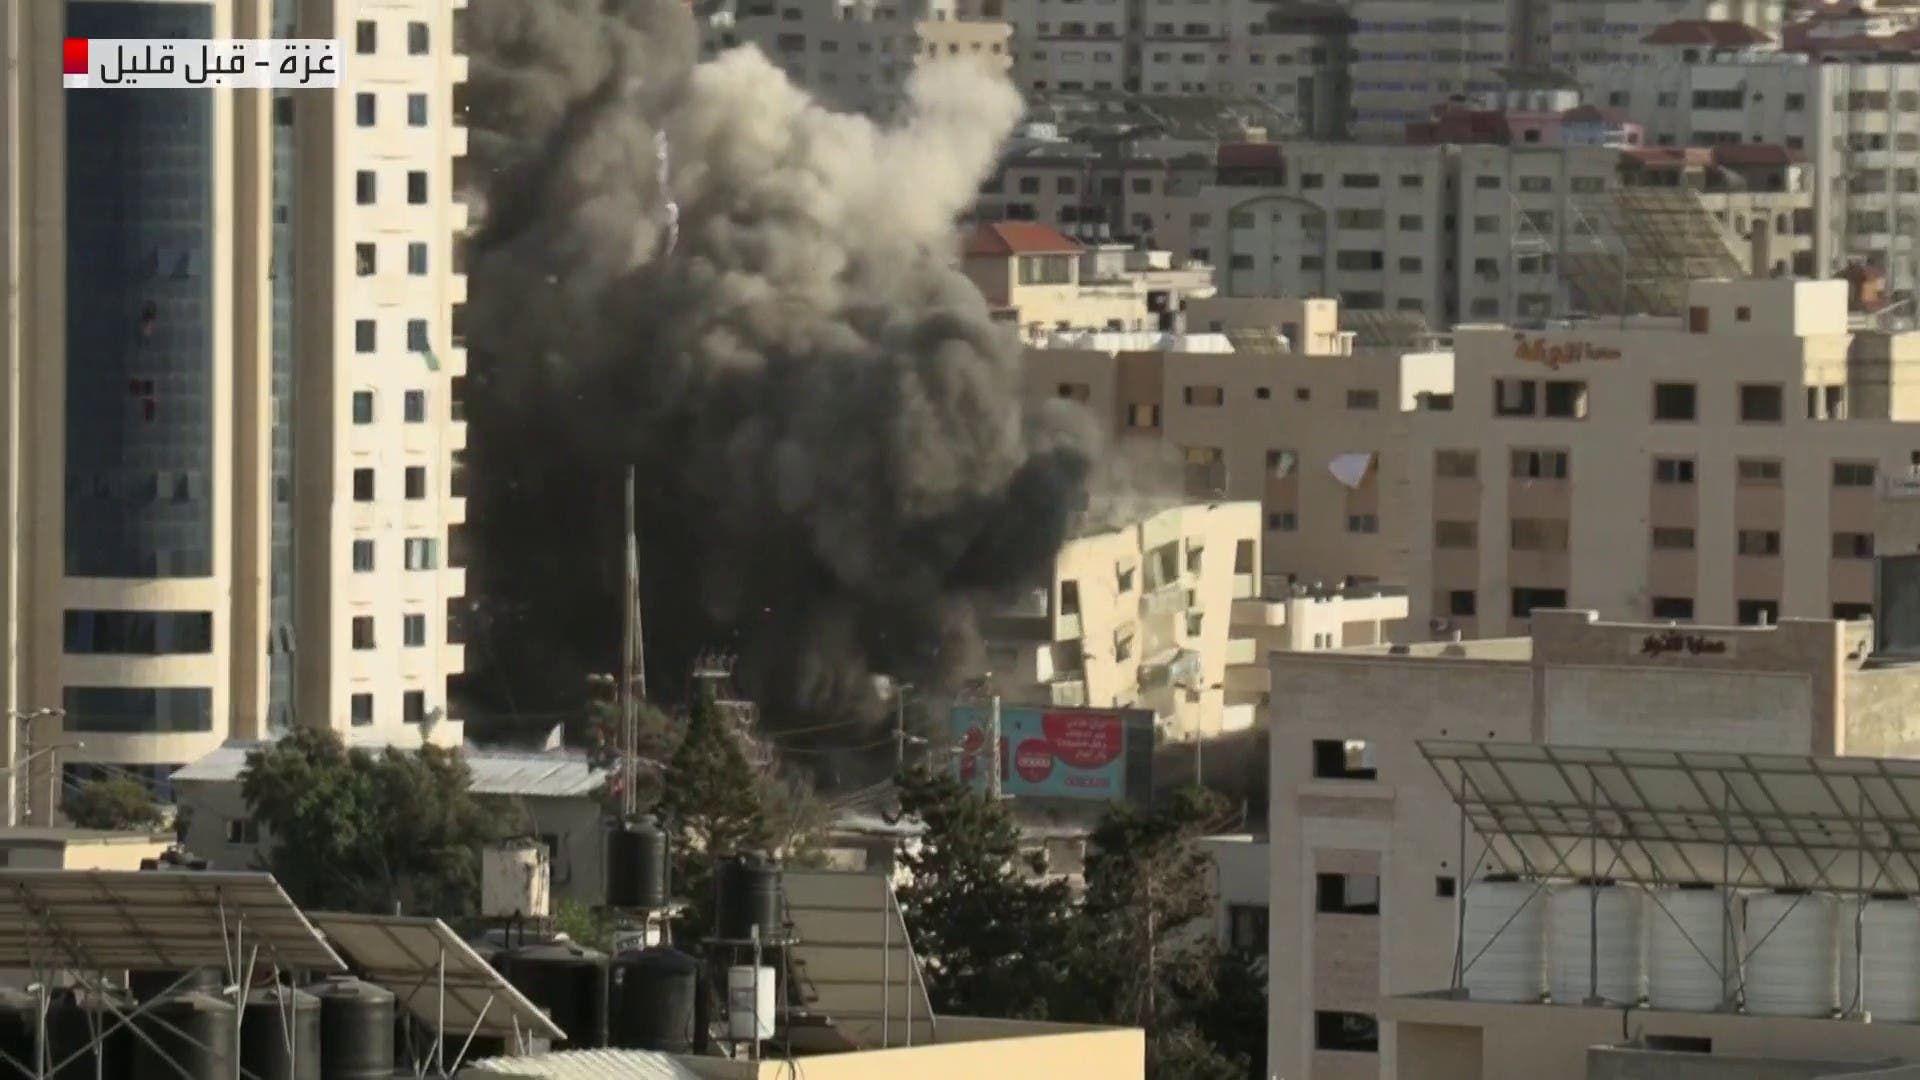 مصادر فلسطينية: الغارات الإسرائيلية استهدفت عمارة الأوقاف غرب غزة